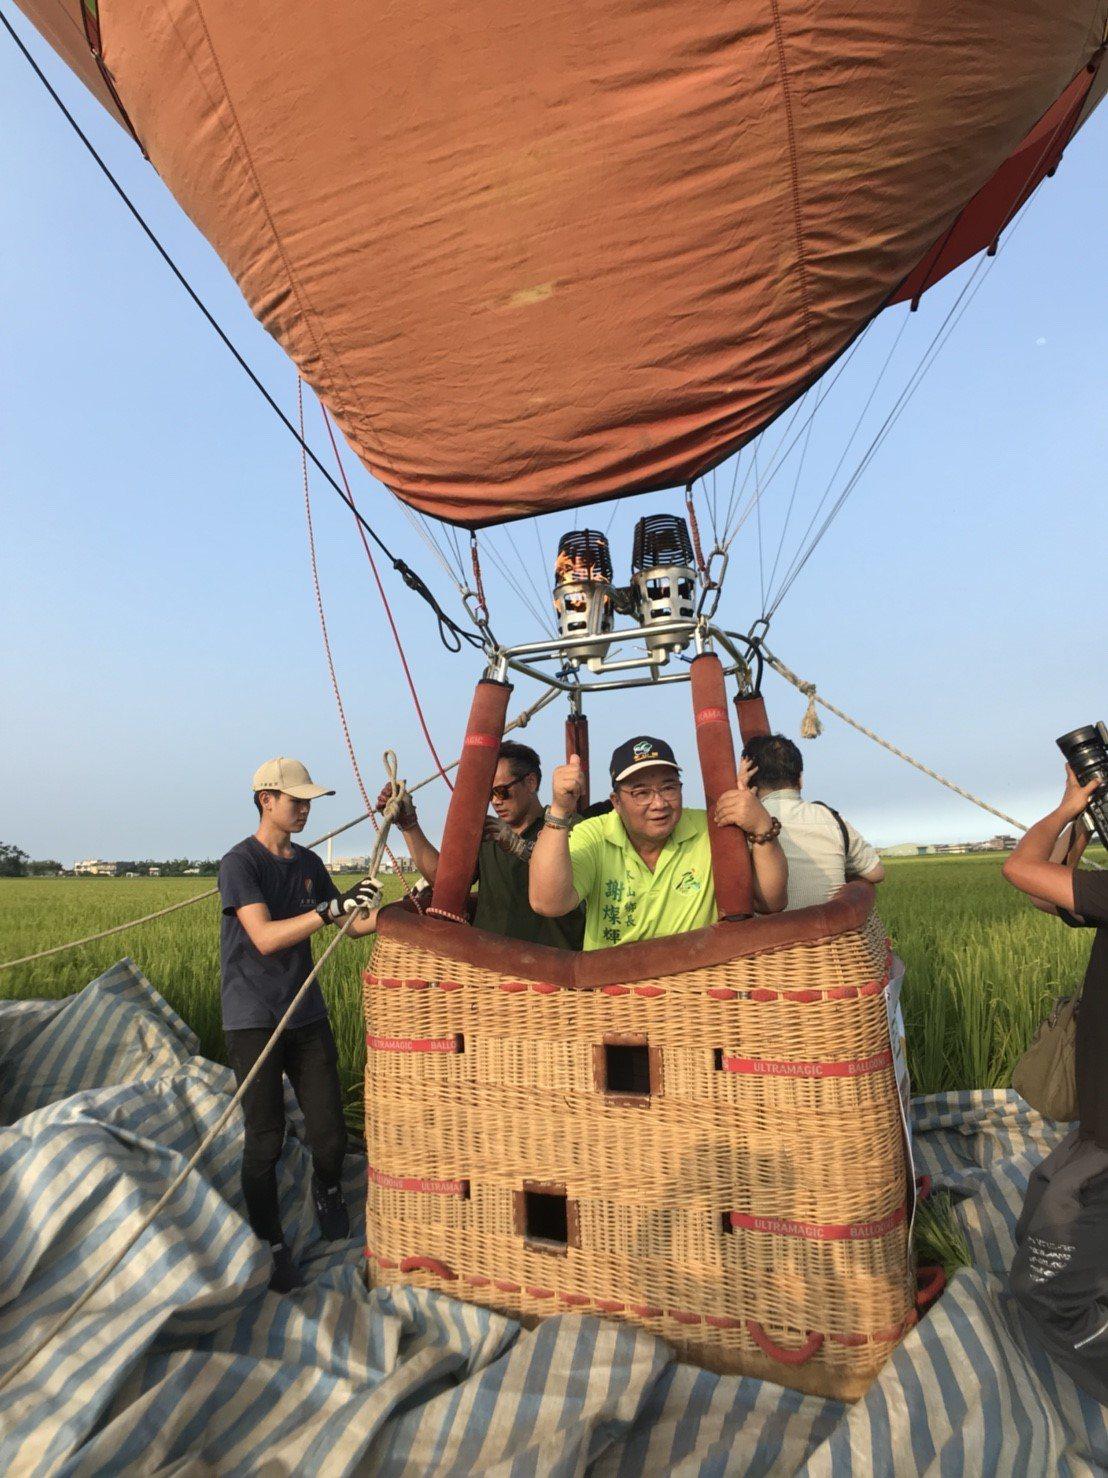 被稱為宜蘭「伯朗大道」冬山鄉三奇村農路,稻浪翻飛,今年新增4天的熱氣球秀,首梯明...